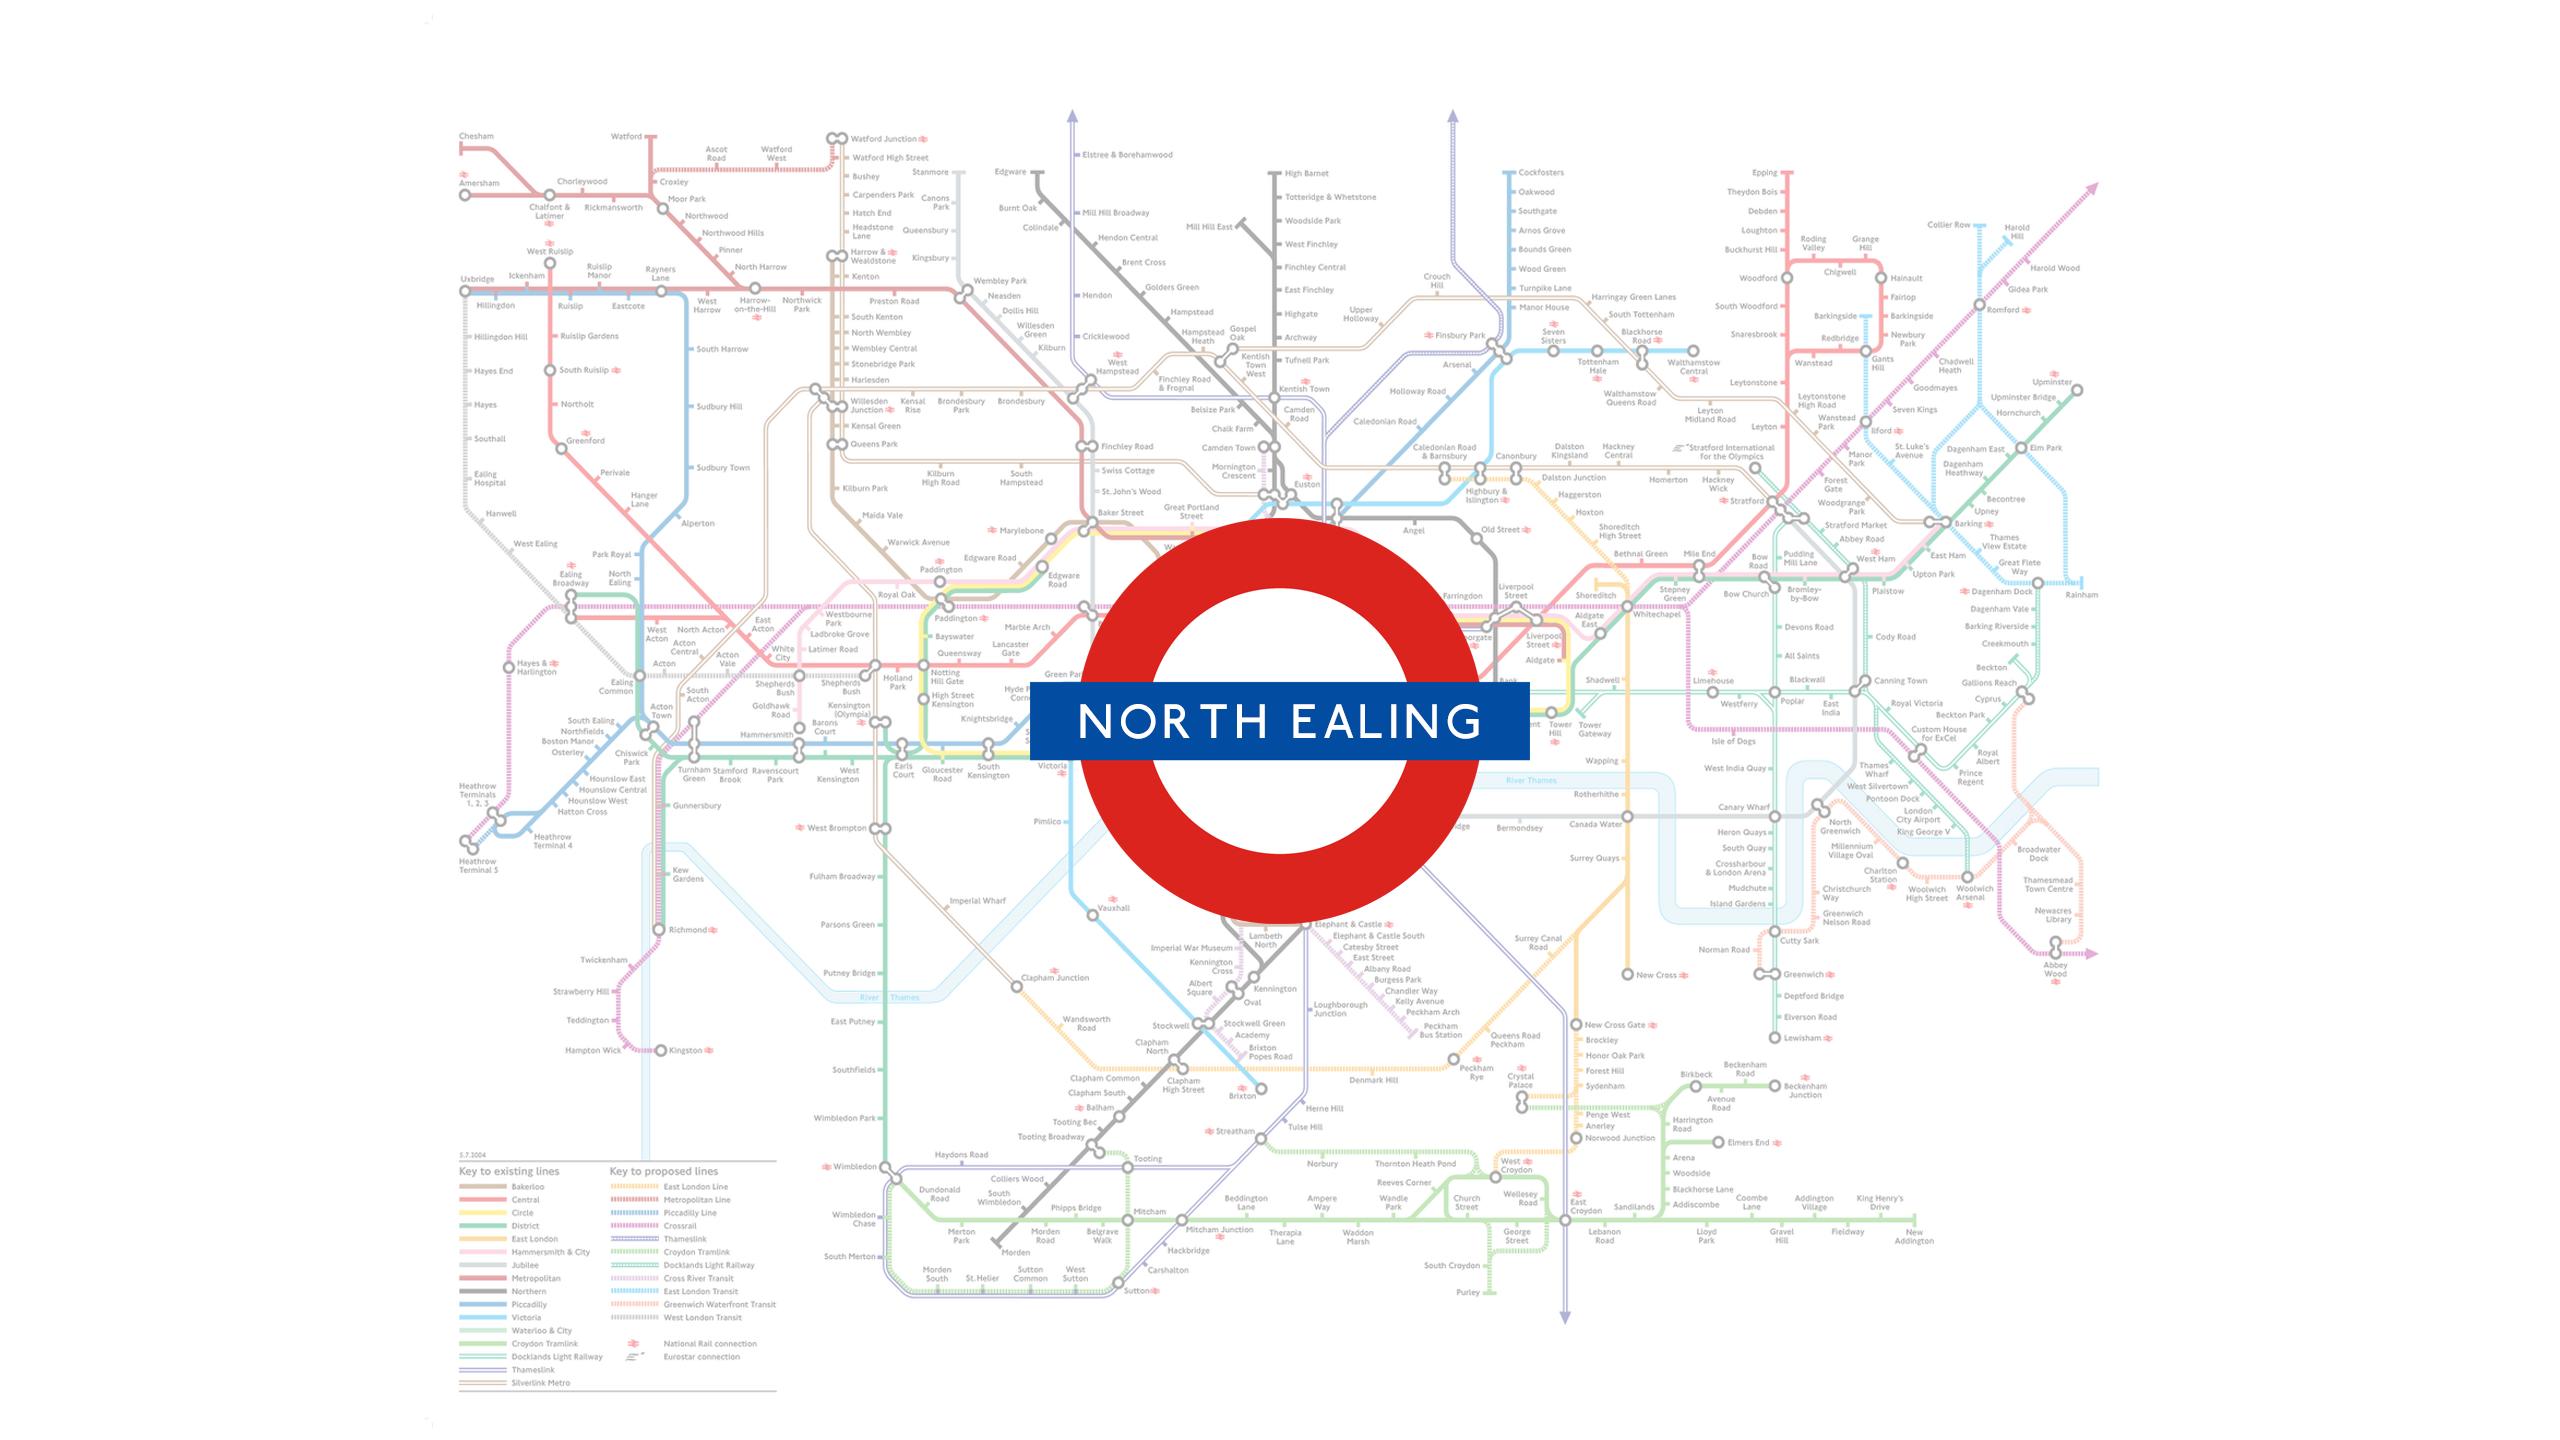 North Ealing (Map)